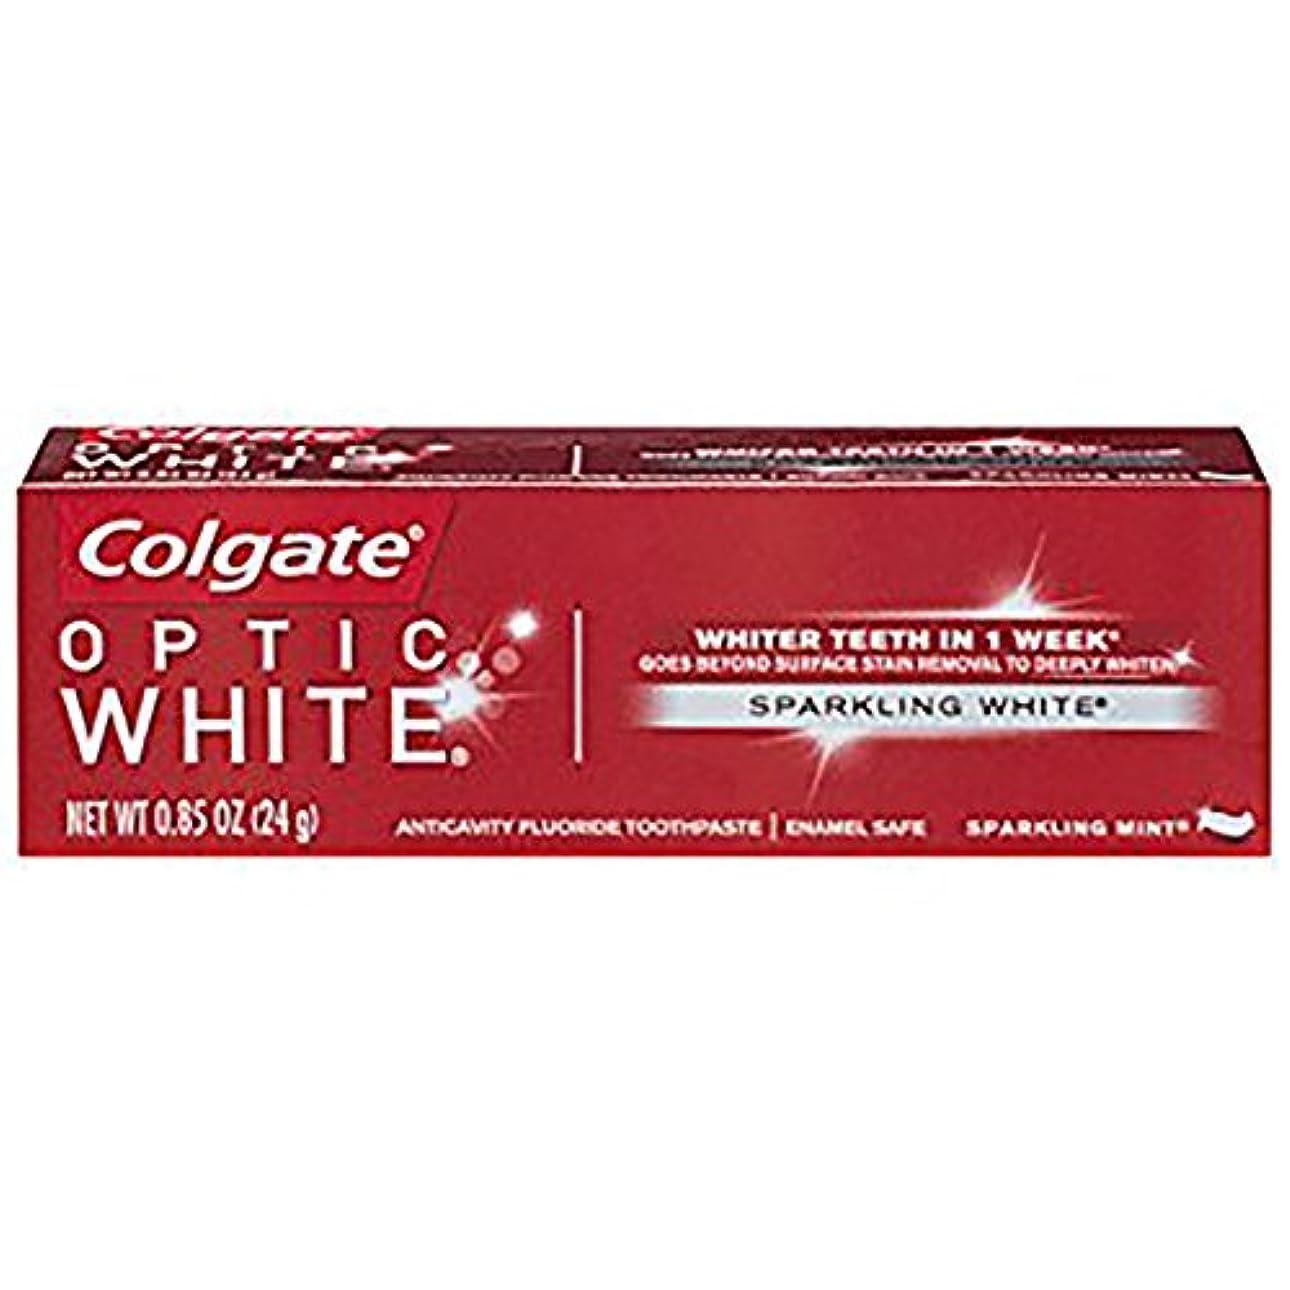 ダンスほとんどの場合なくなるコルゲート ホワイトニング Colgate 24g Optic White Sparkling White 白い歯 歯磨き粉 ミント